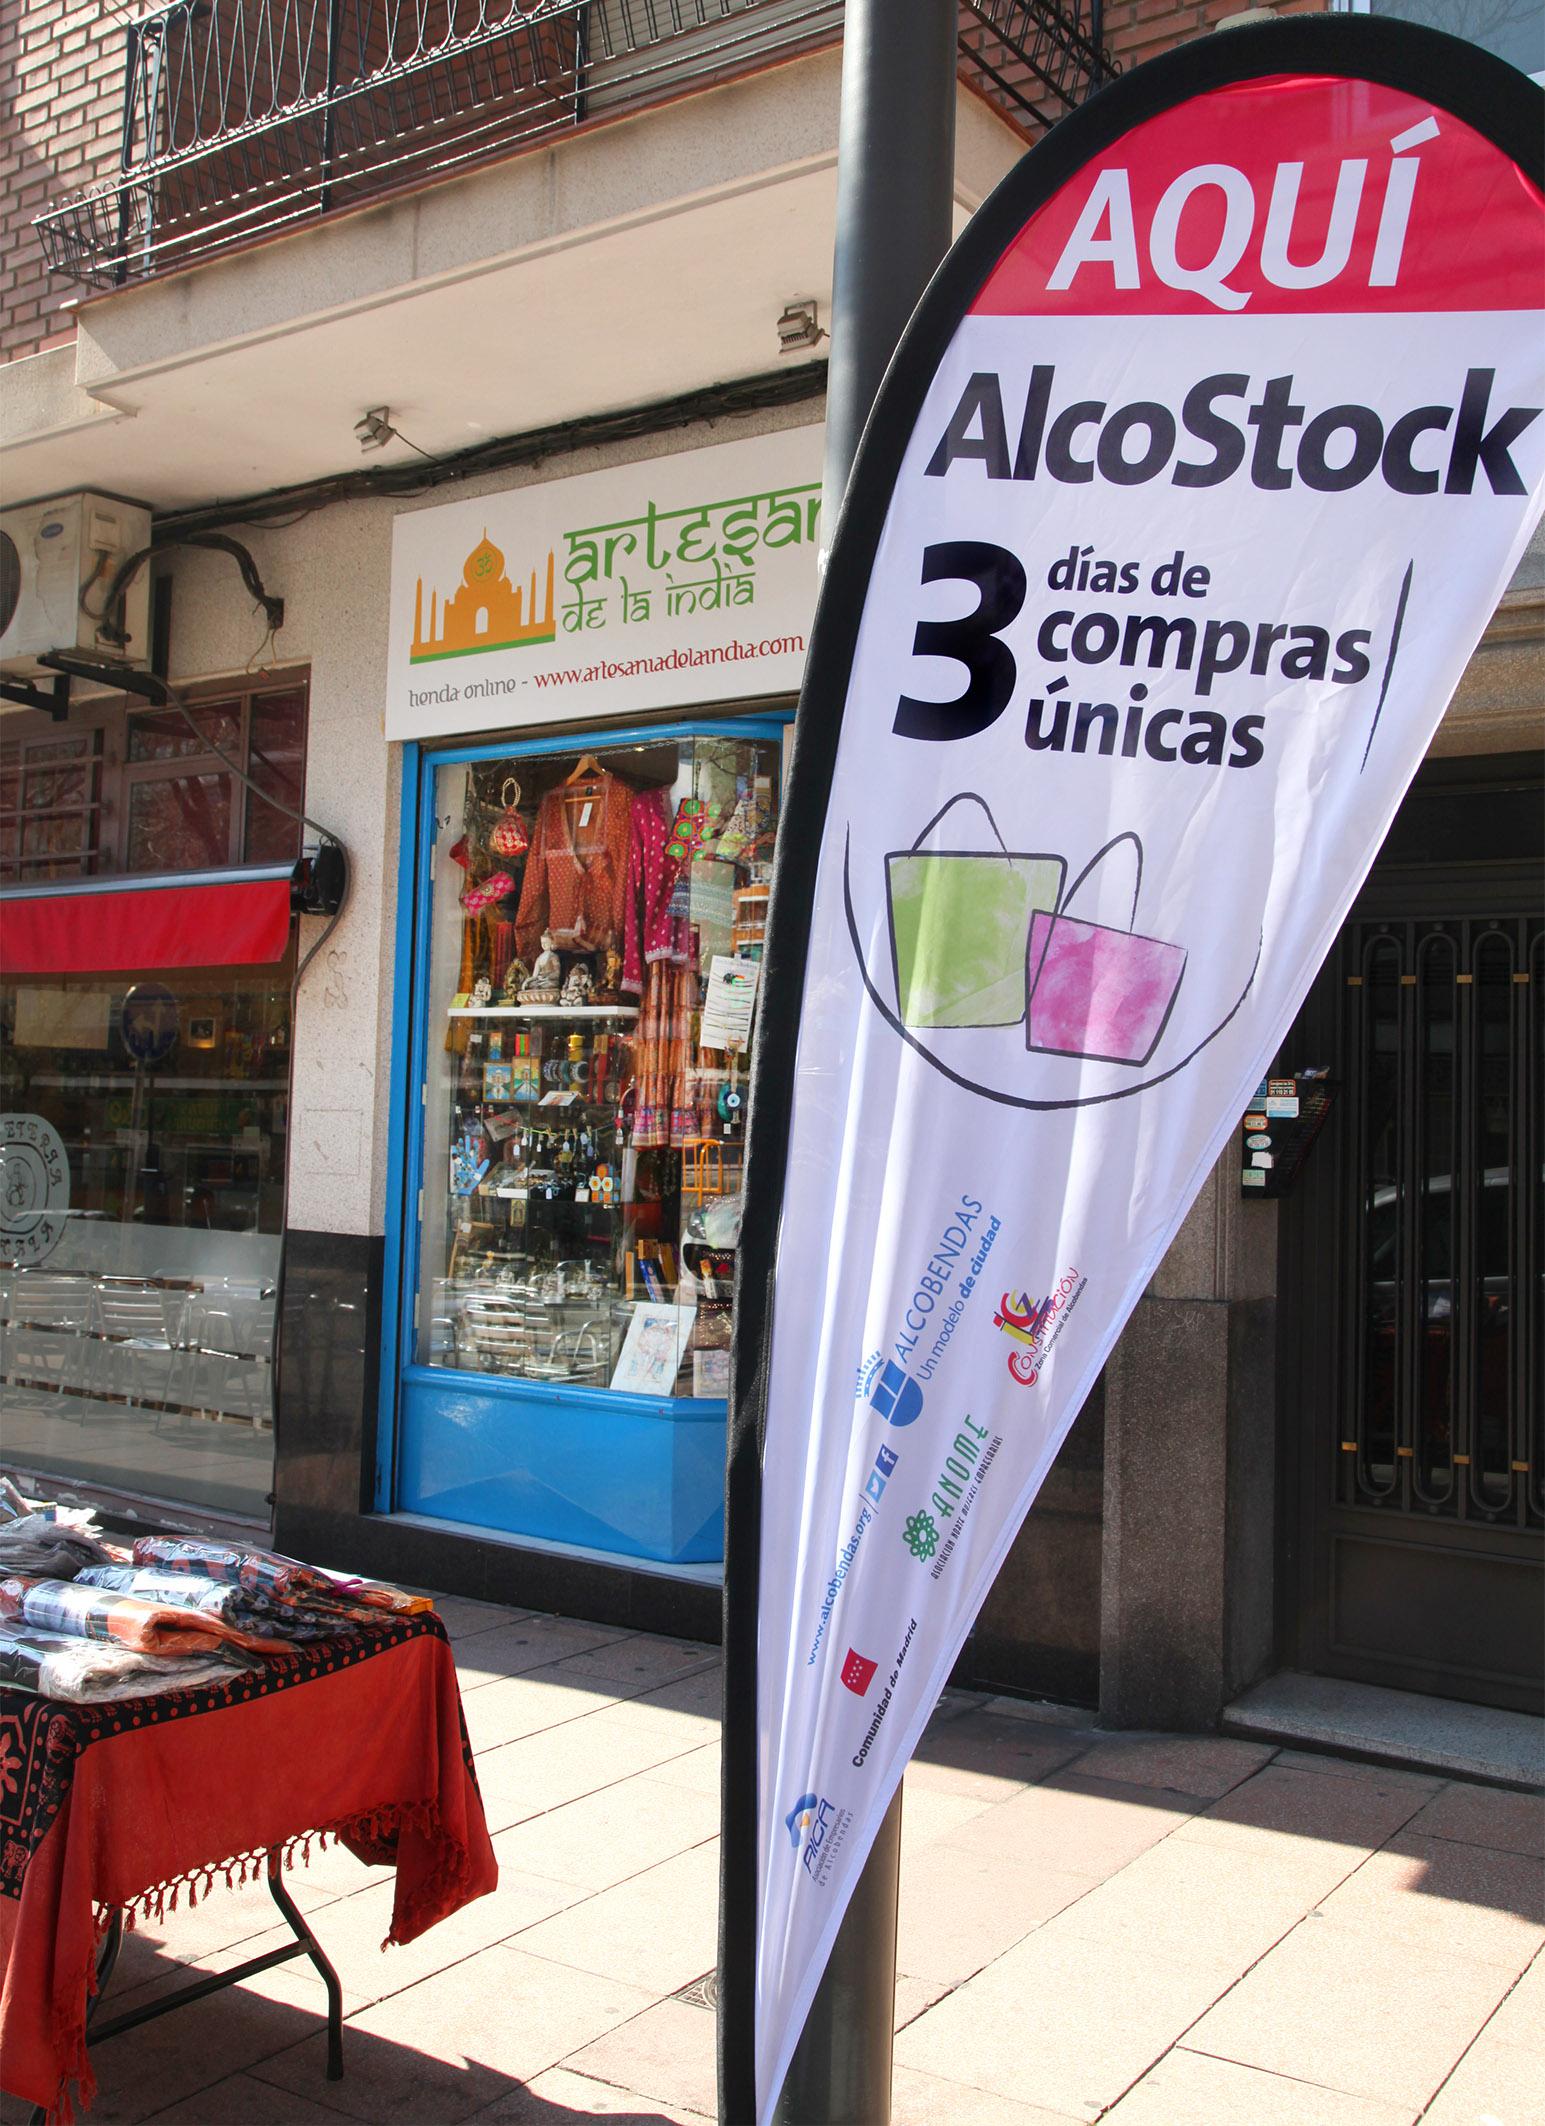 La StartUp Alcobendas MisterLo, ofrecerá geolocalización, ofertas e información de  los comercios de Alcostock